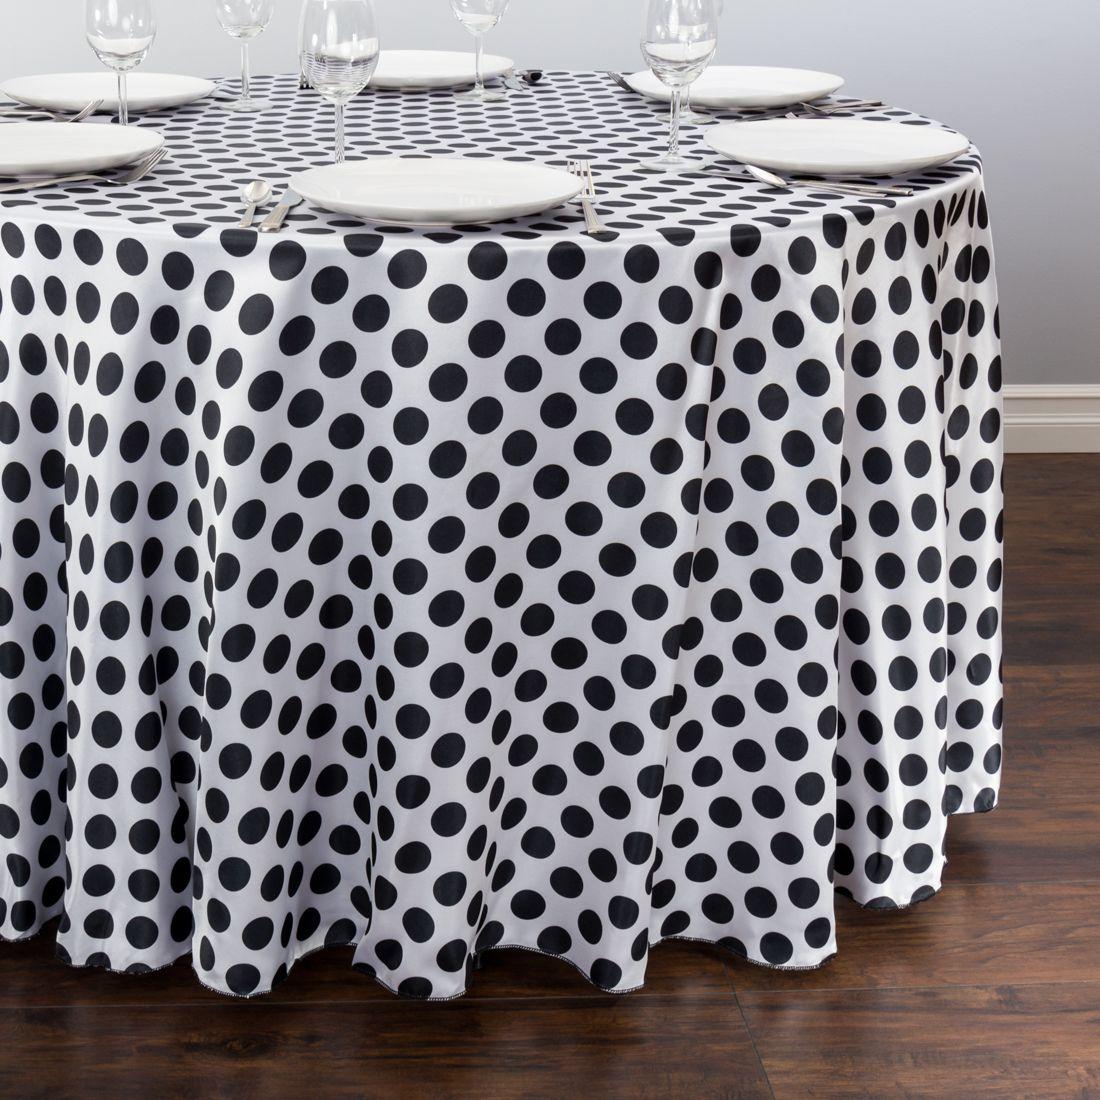 Round Polka Dot Satin Tablecloth White / Black